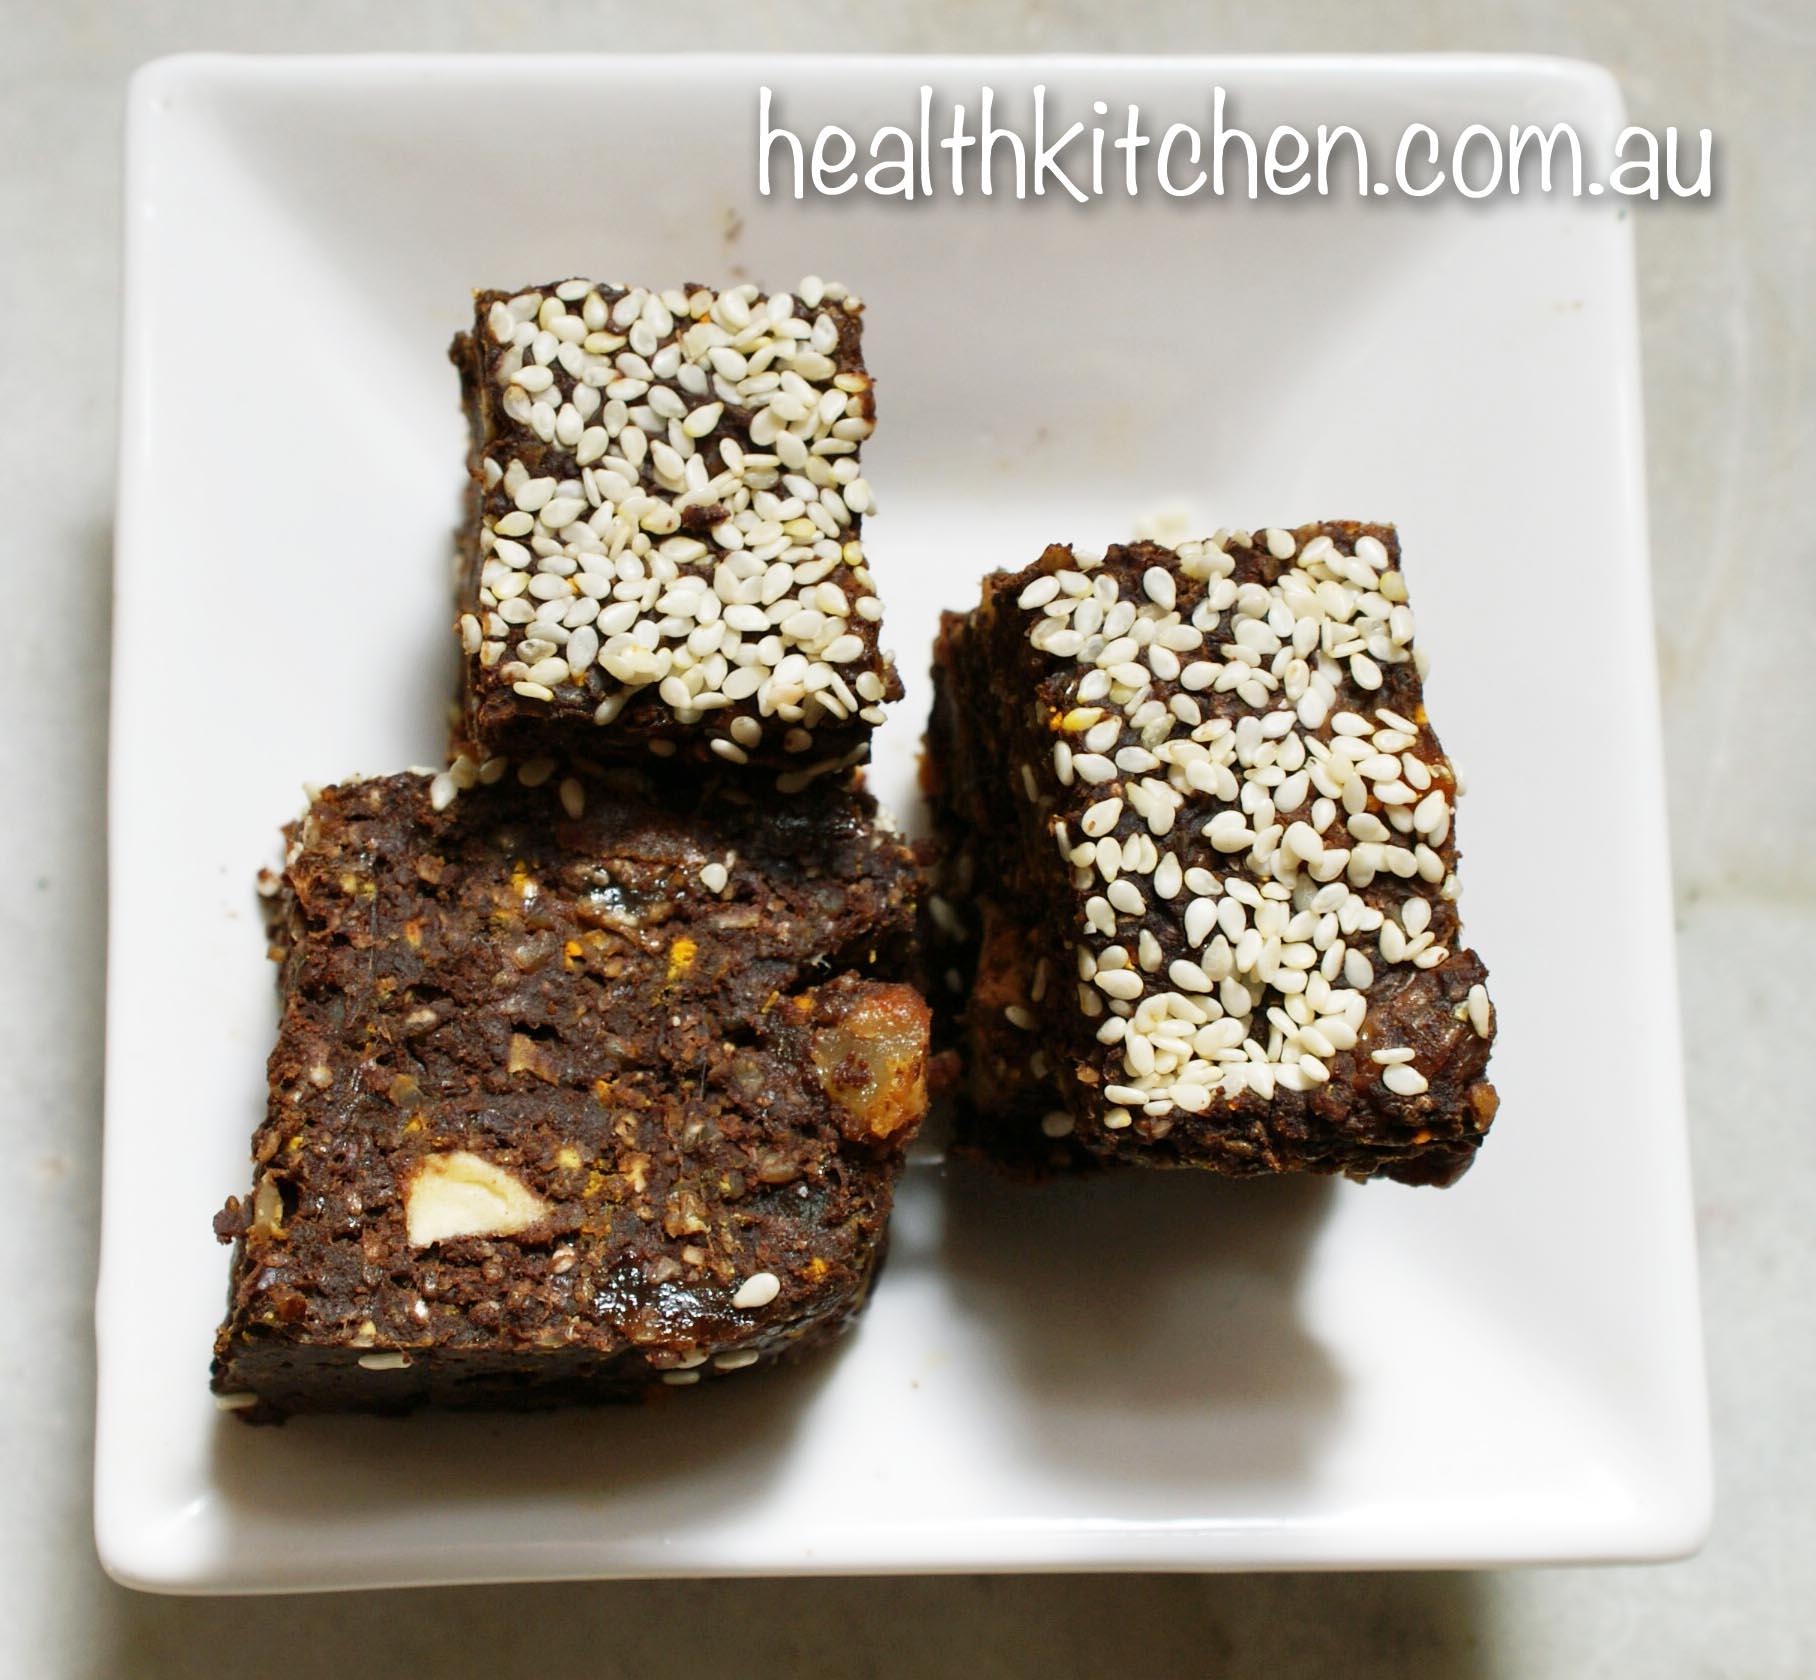 Healthy Raw Chocolate Treat Health Kitchen